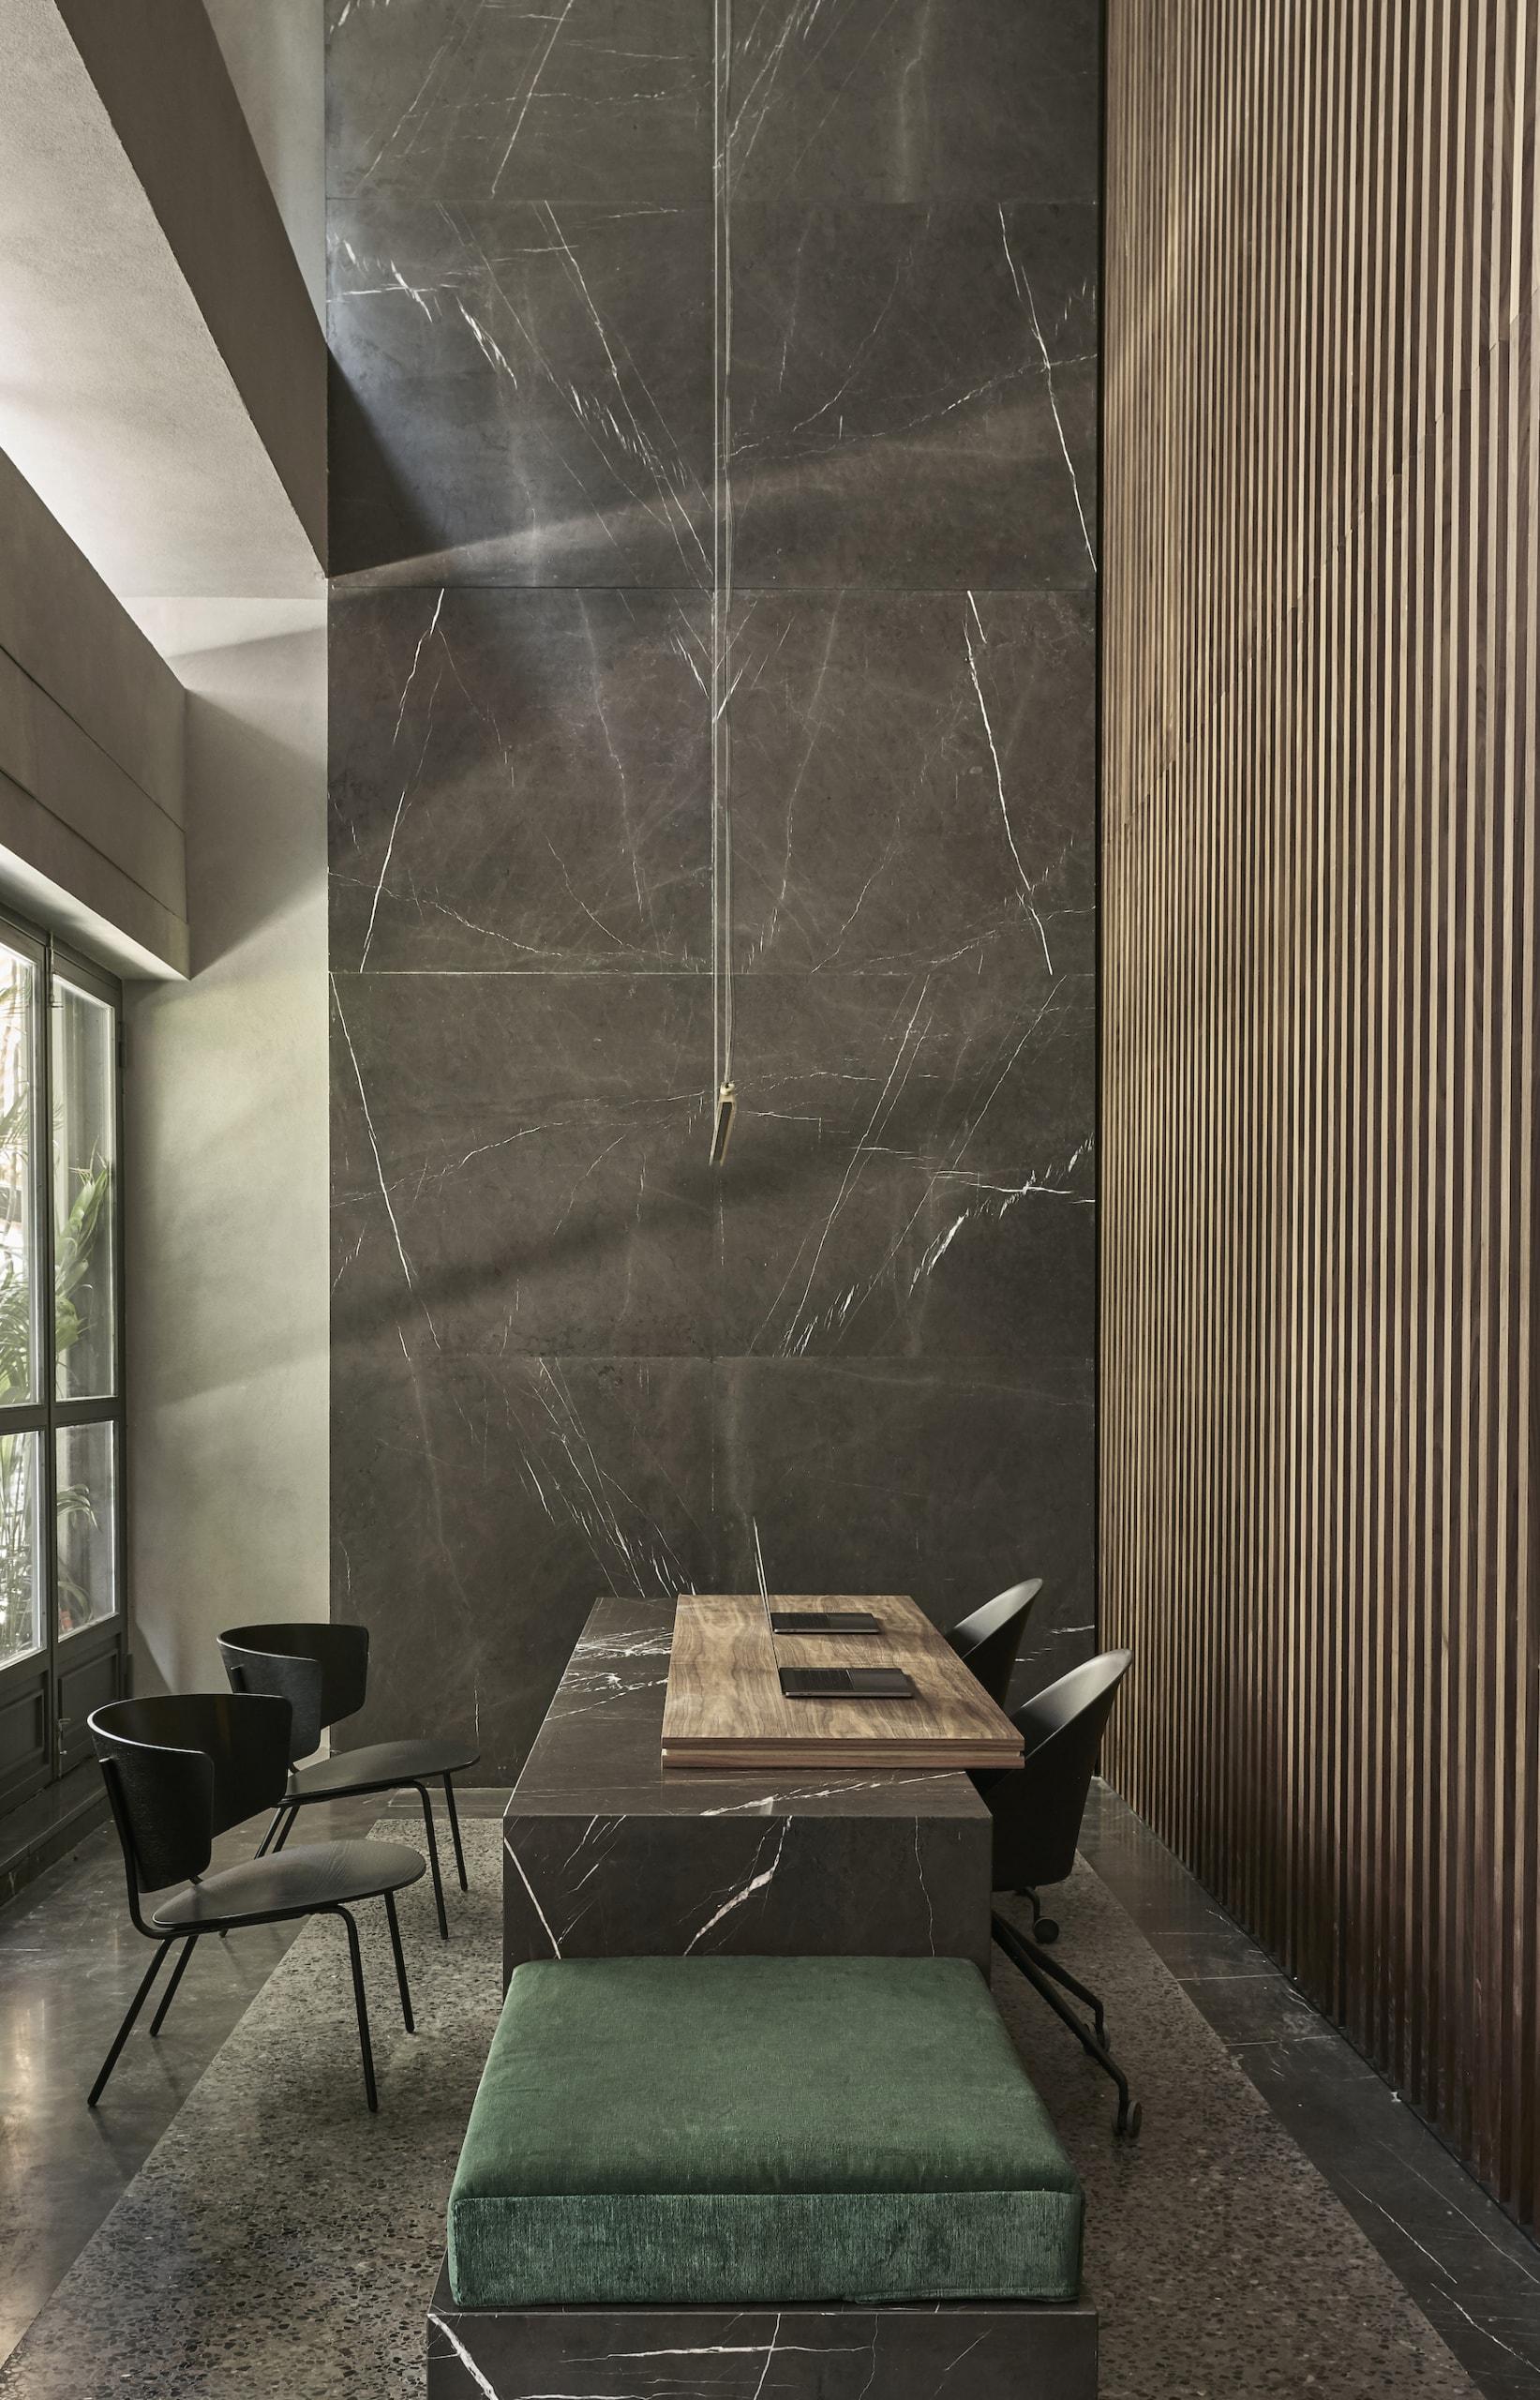 Dunkle Farben und glatte Oberflächen dominieren die Rezeption im Designhotel